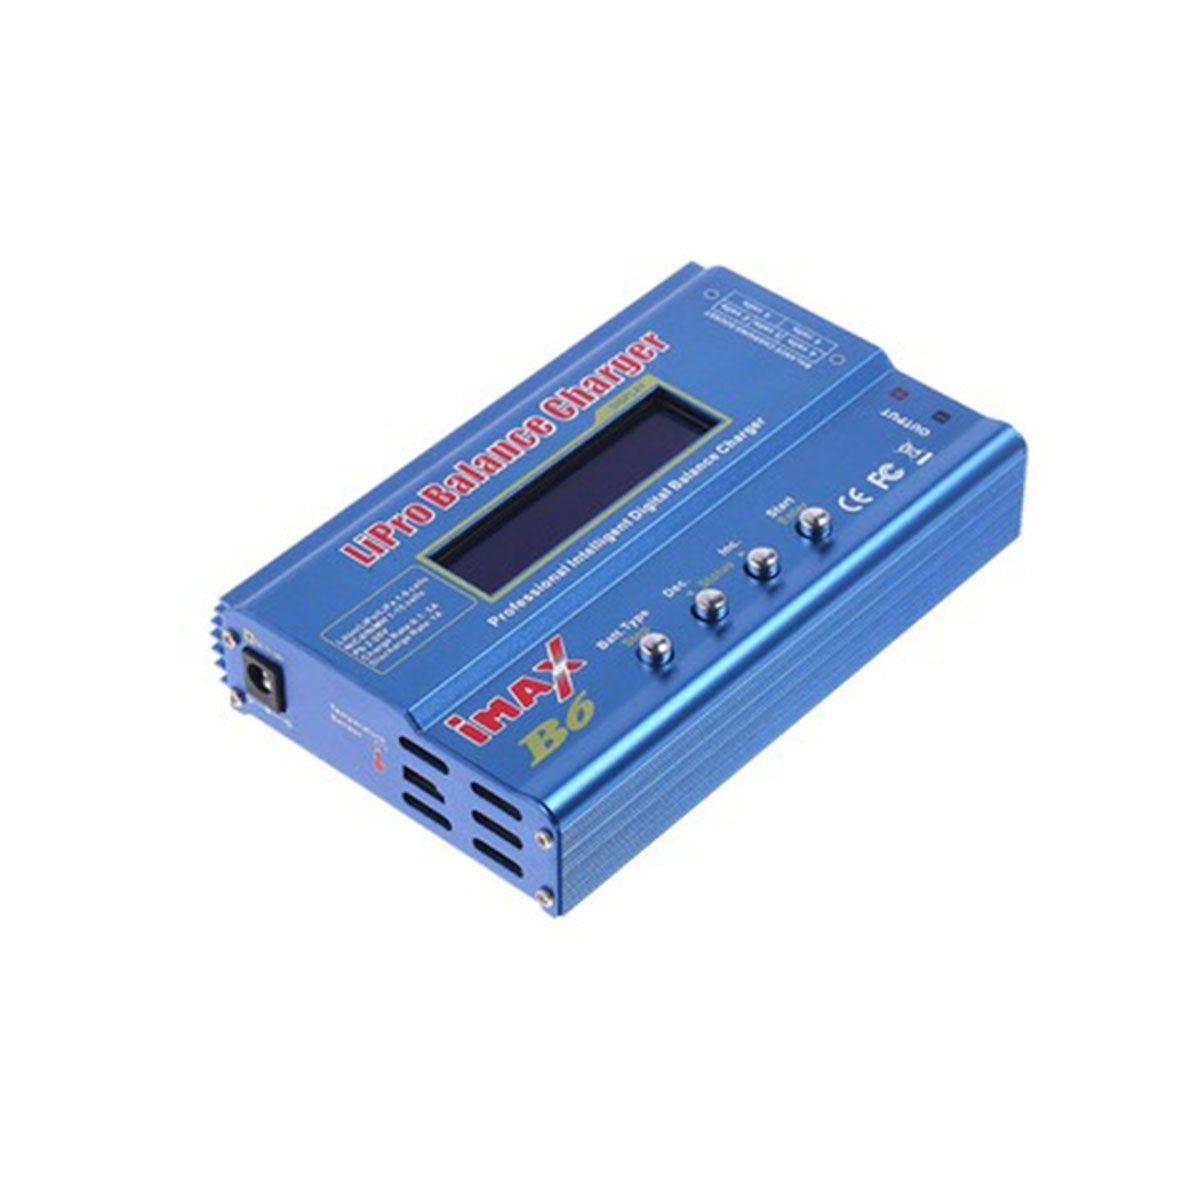 Carregador e Balanceador de Baterias Imax B6 80w 12V